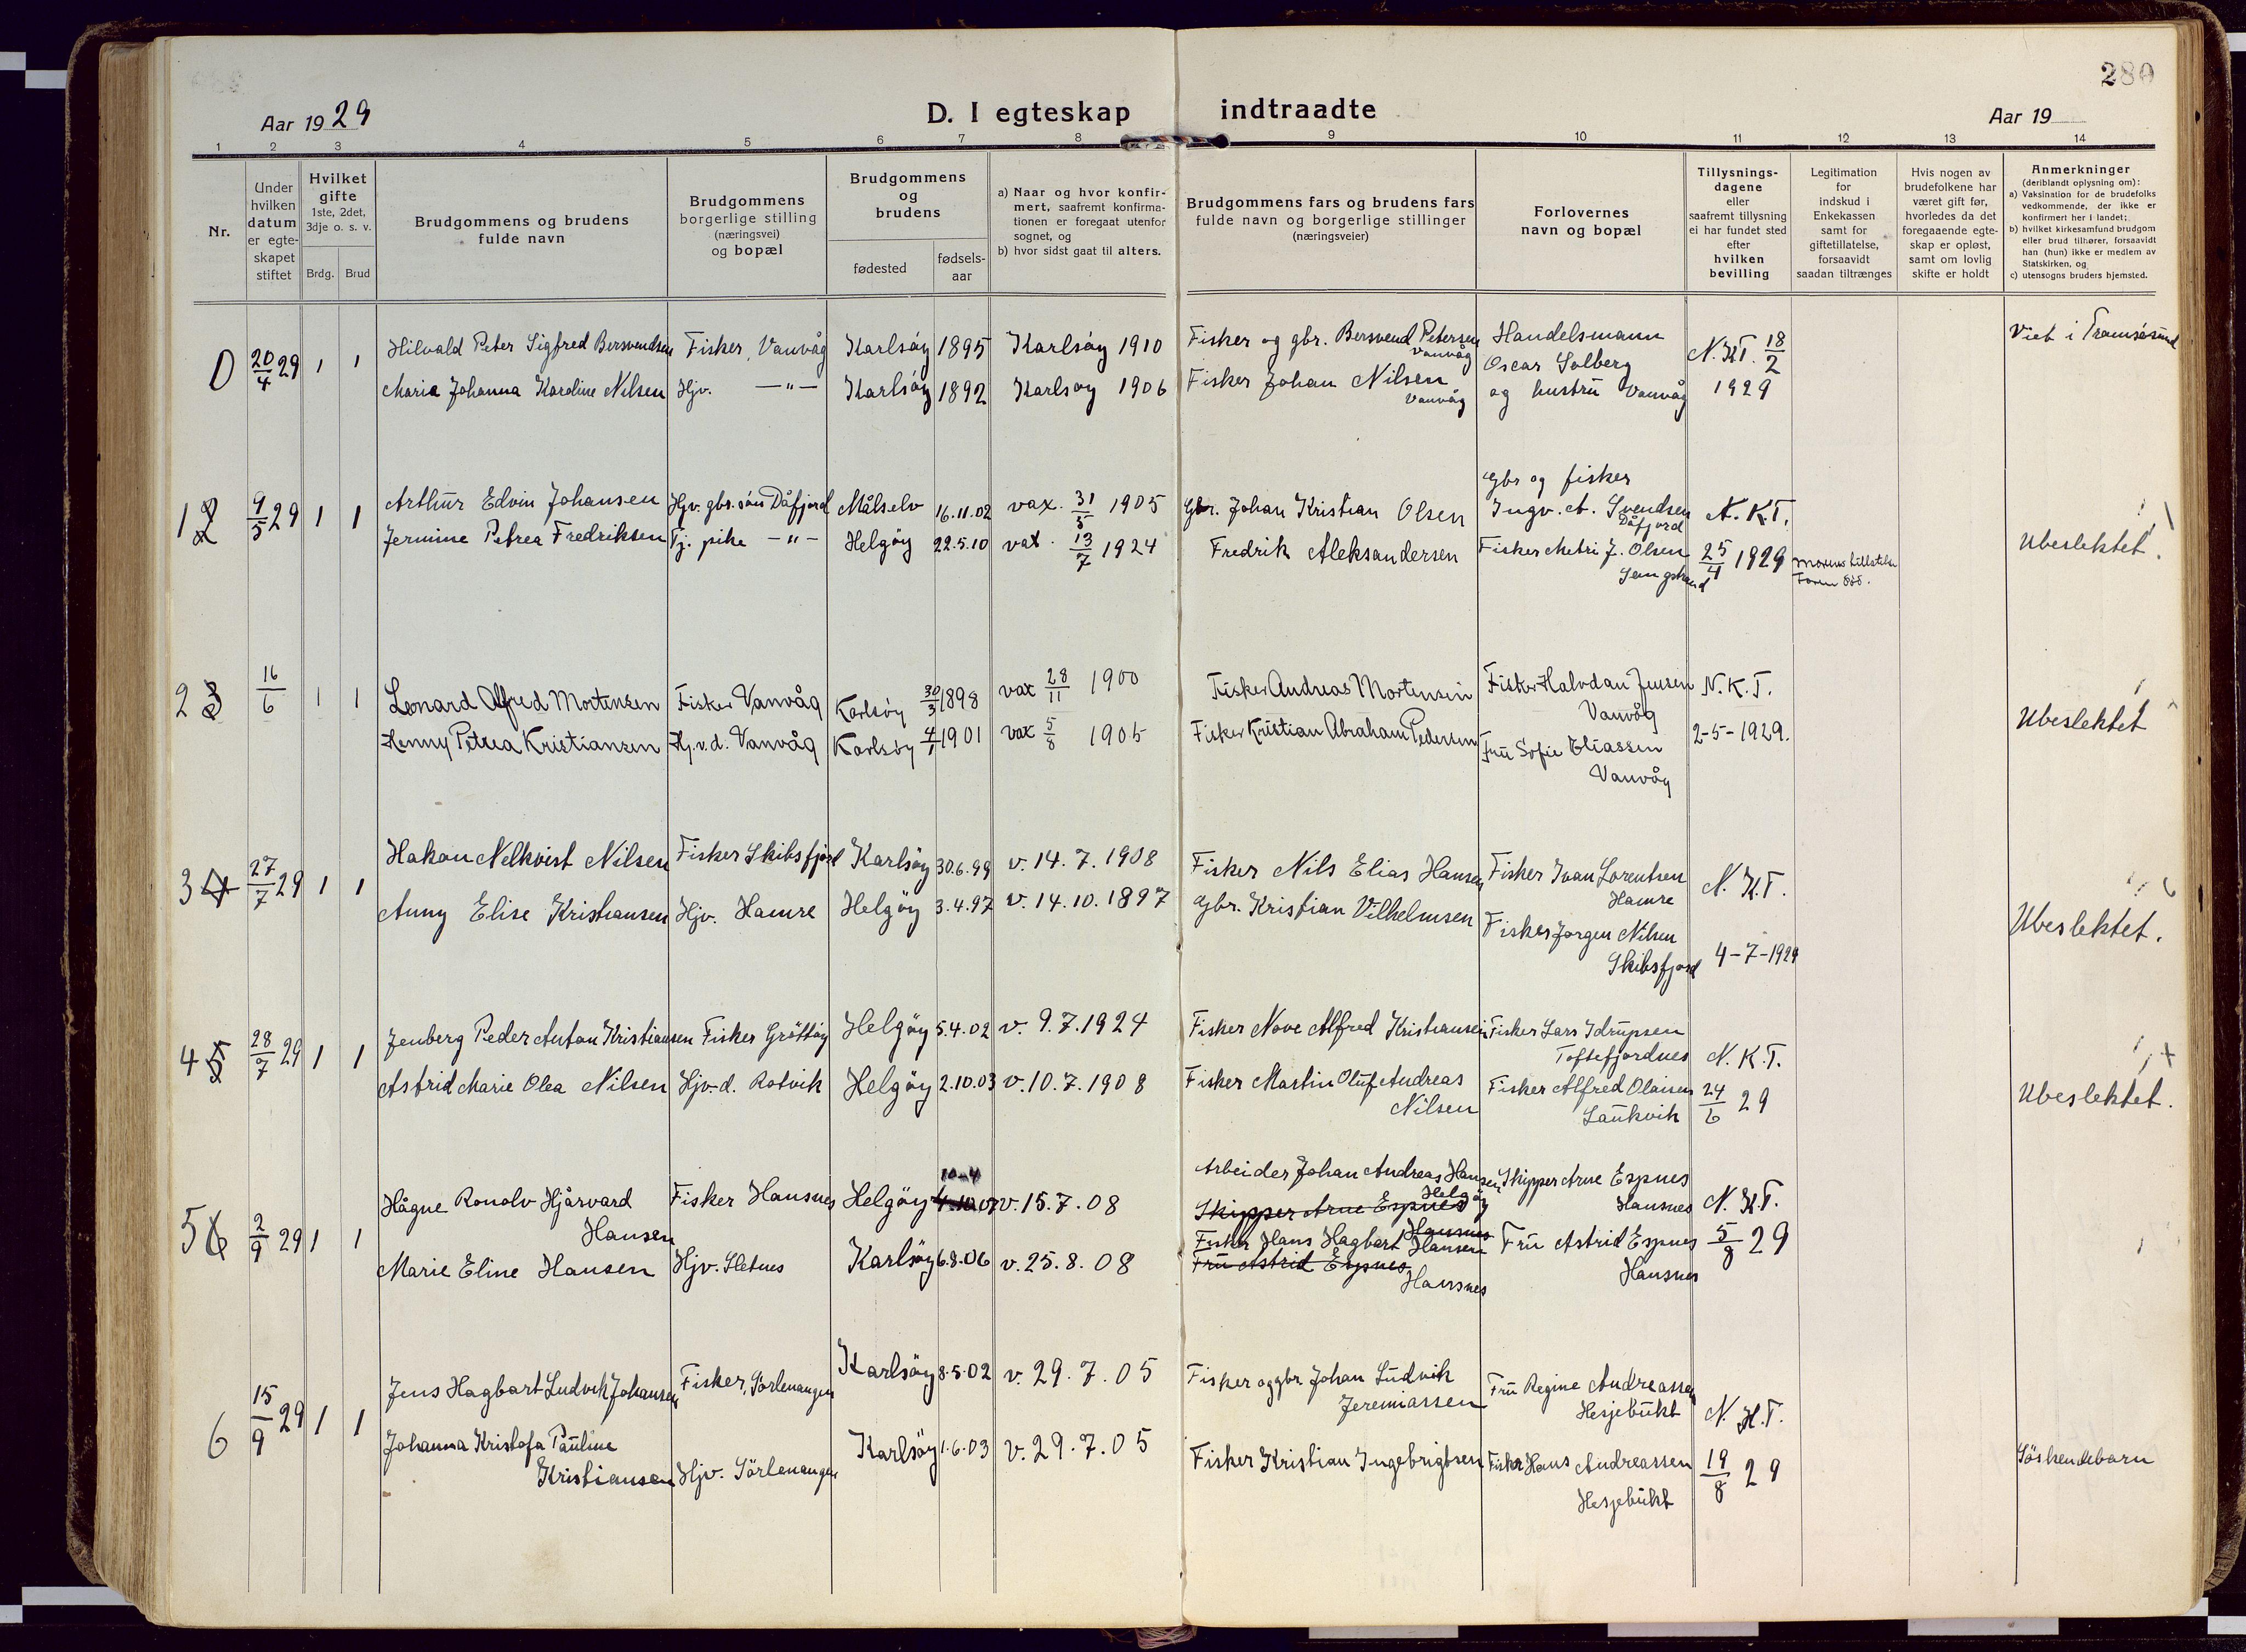 SATØ, Karlsøy sokneprestembete, Ministerialbok nr. 15, 1918-1929, s. 280